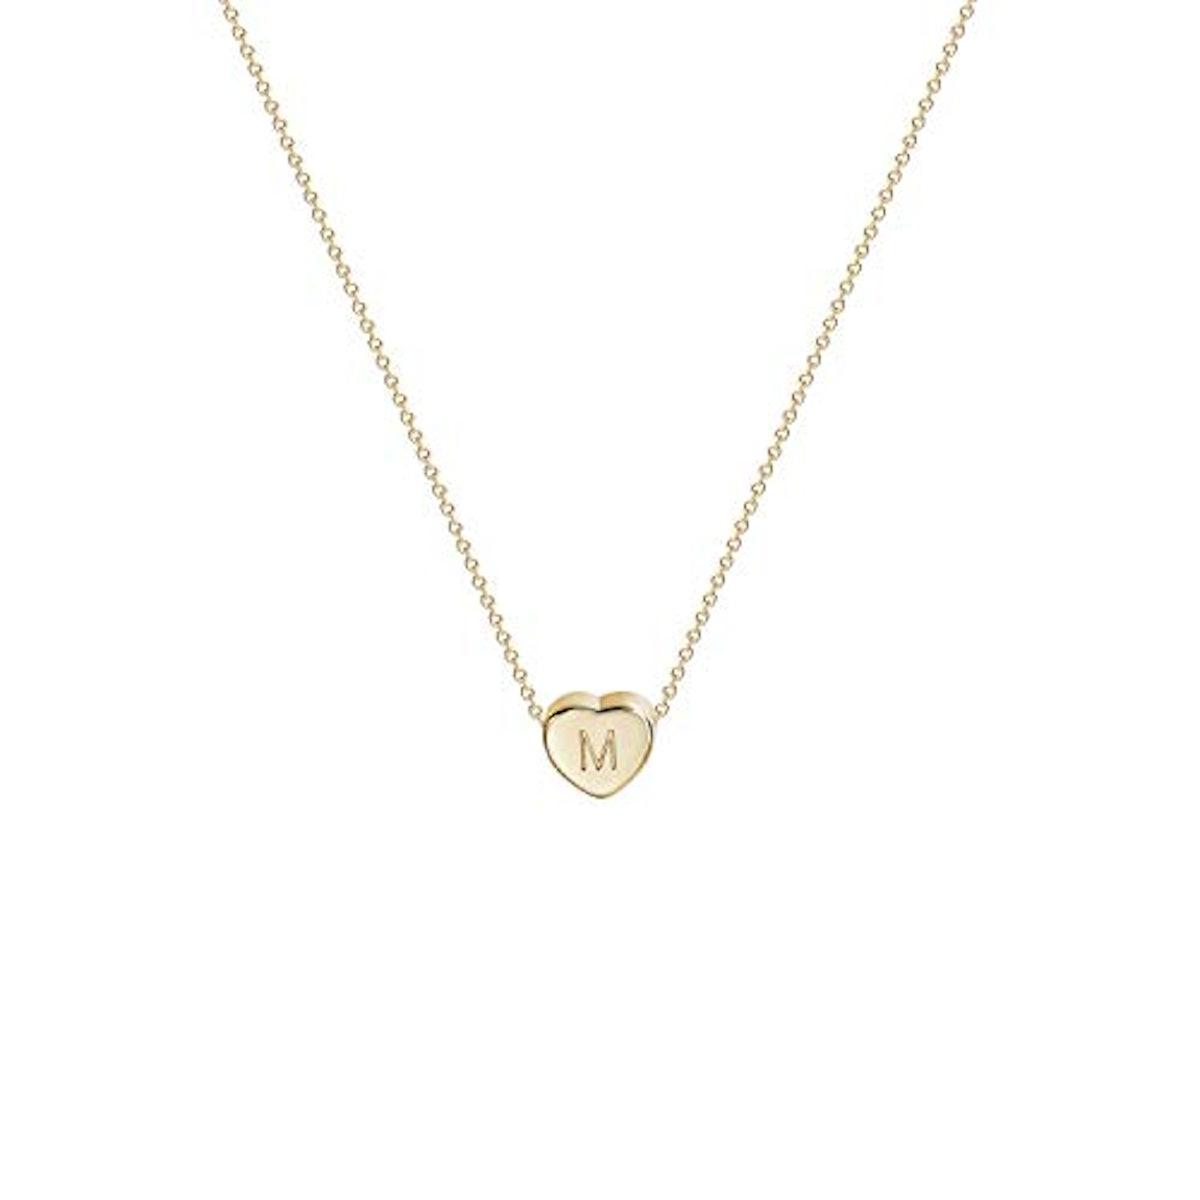 Fettero Letter Necklace